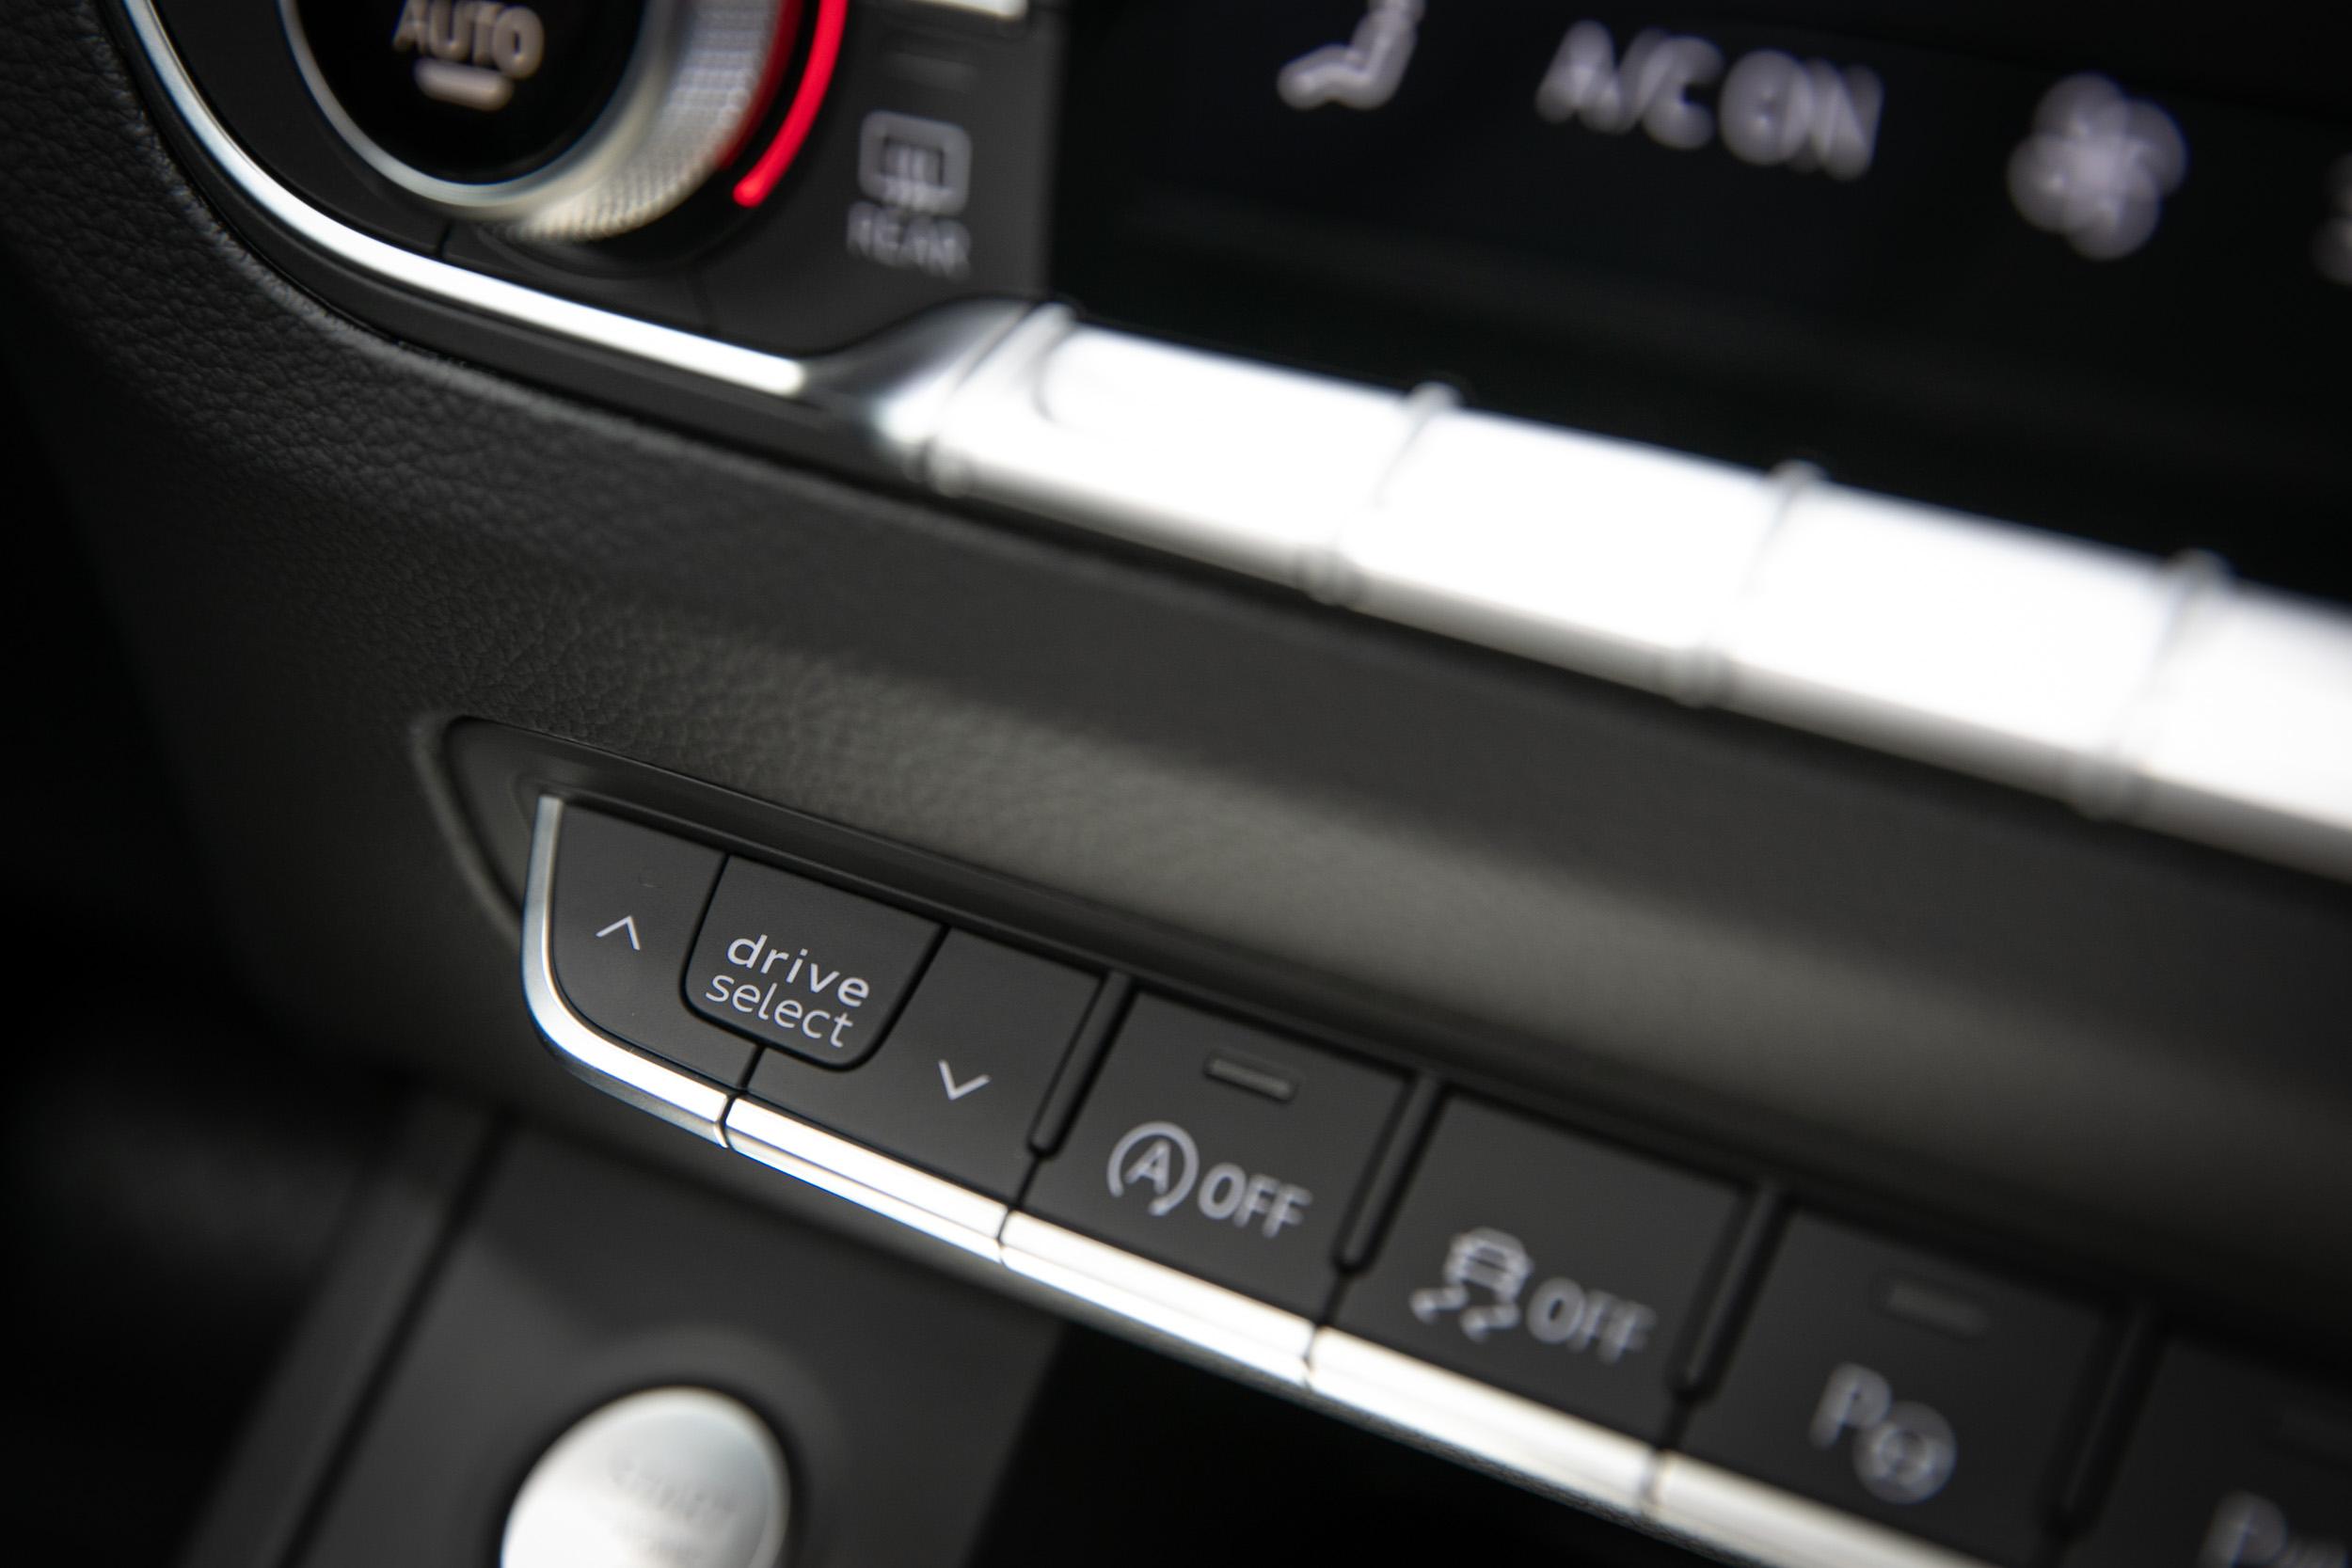 Audi 可程式車身動態系統提供五種駕駛模式,可依照駕駛習慣與用車環境自行調整。